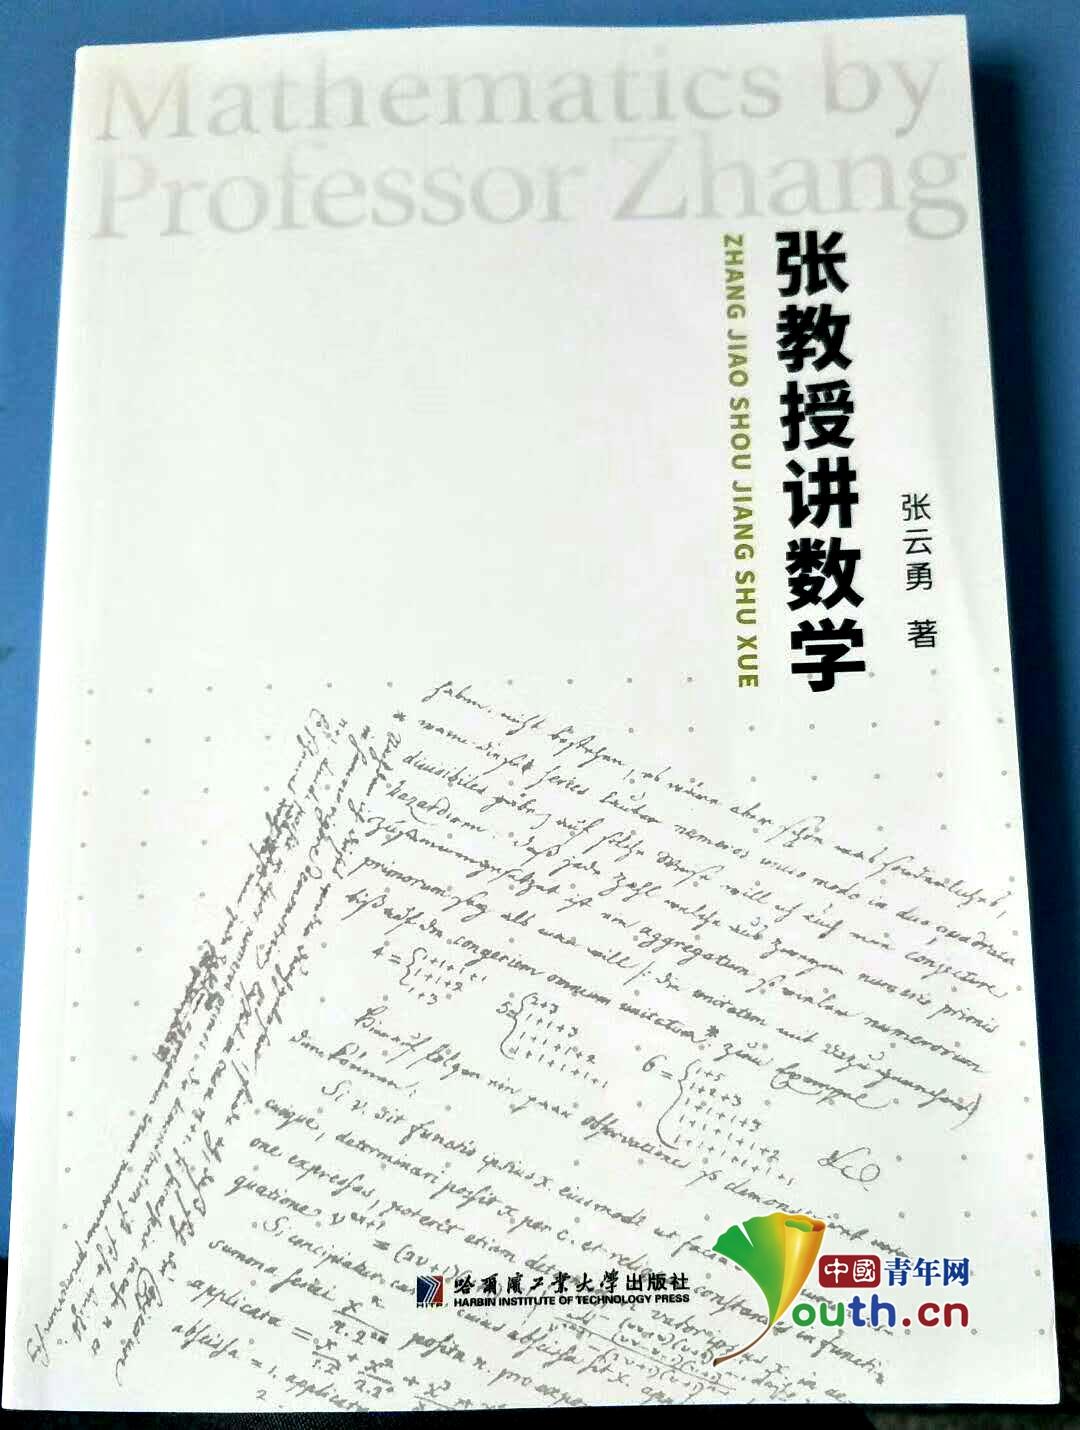 张云勇委员建议加强数学教育:得数学得天下 失数学失脚下